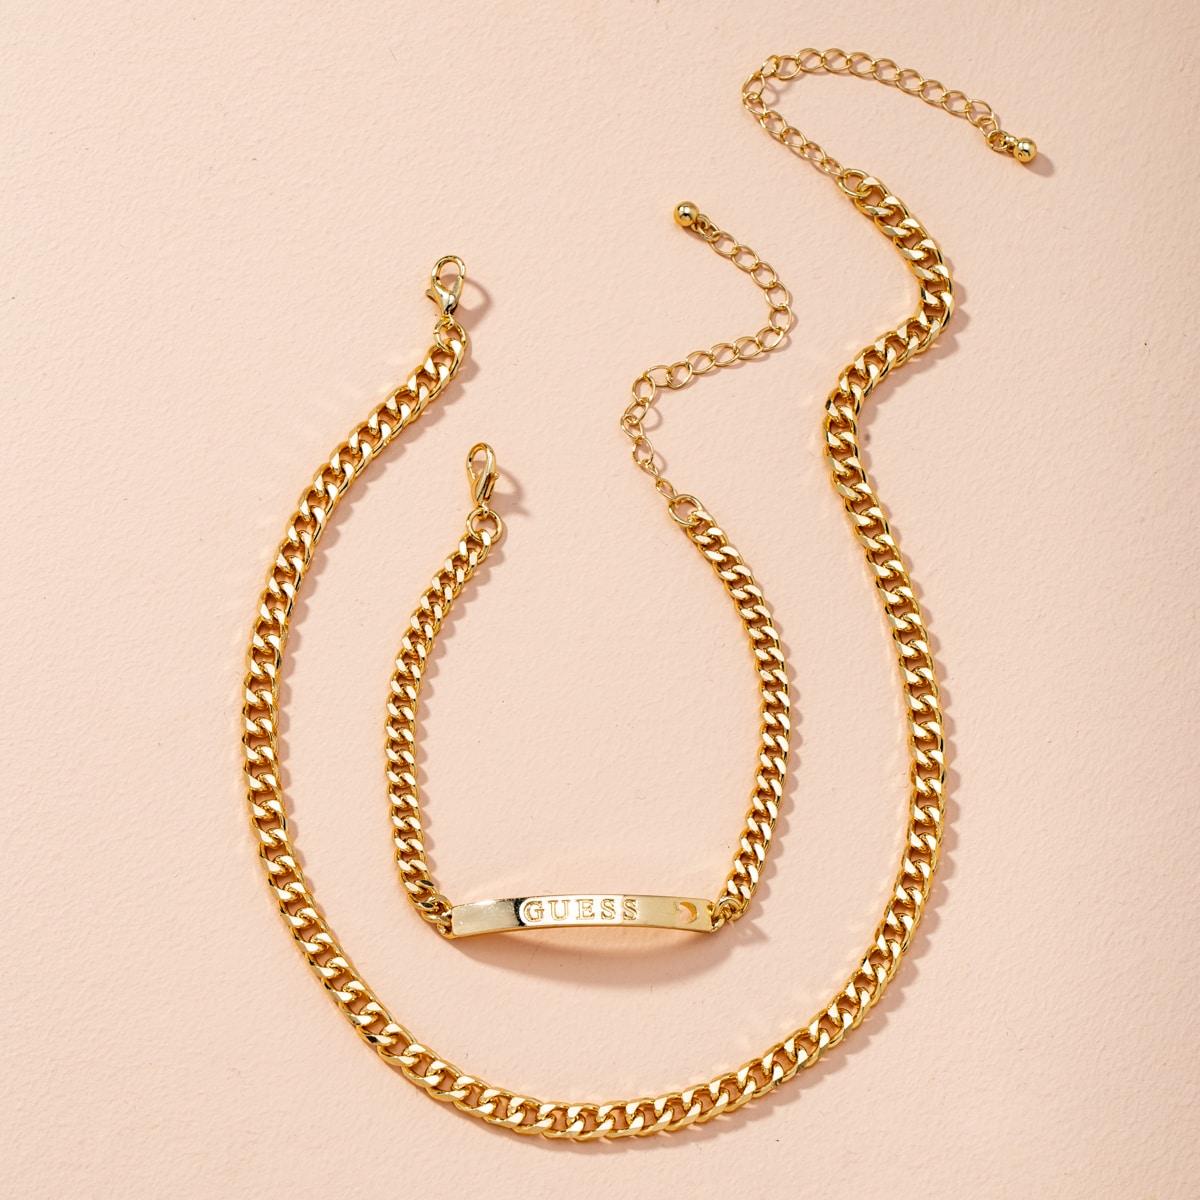 Halskette & Armband mit Buchstaben Dekor